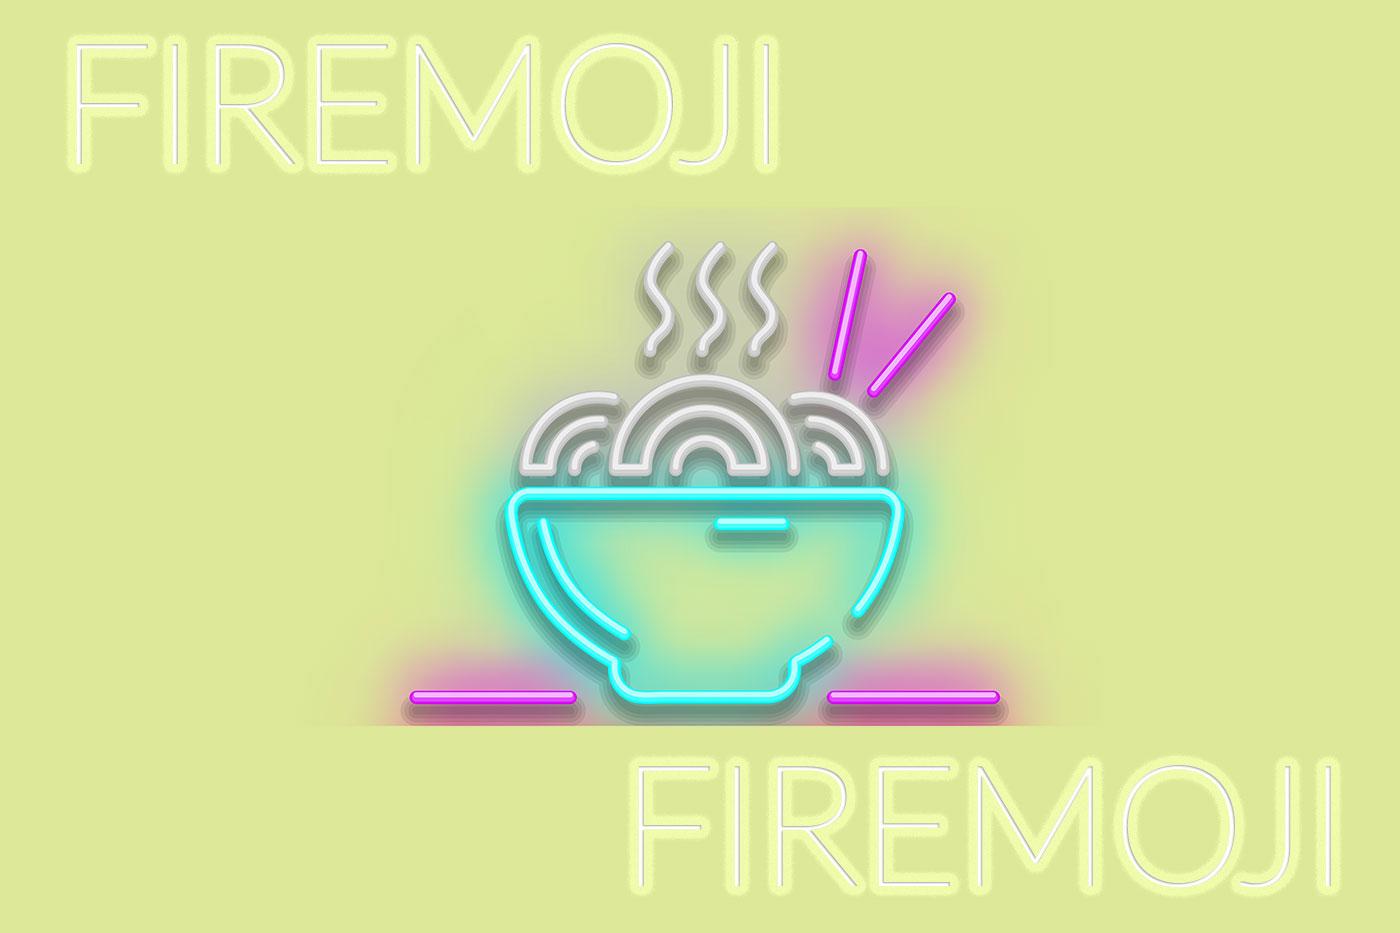 Track: Firemoji- 190 BPM